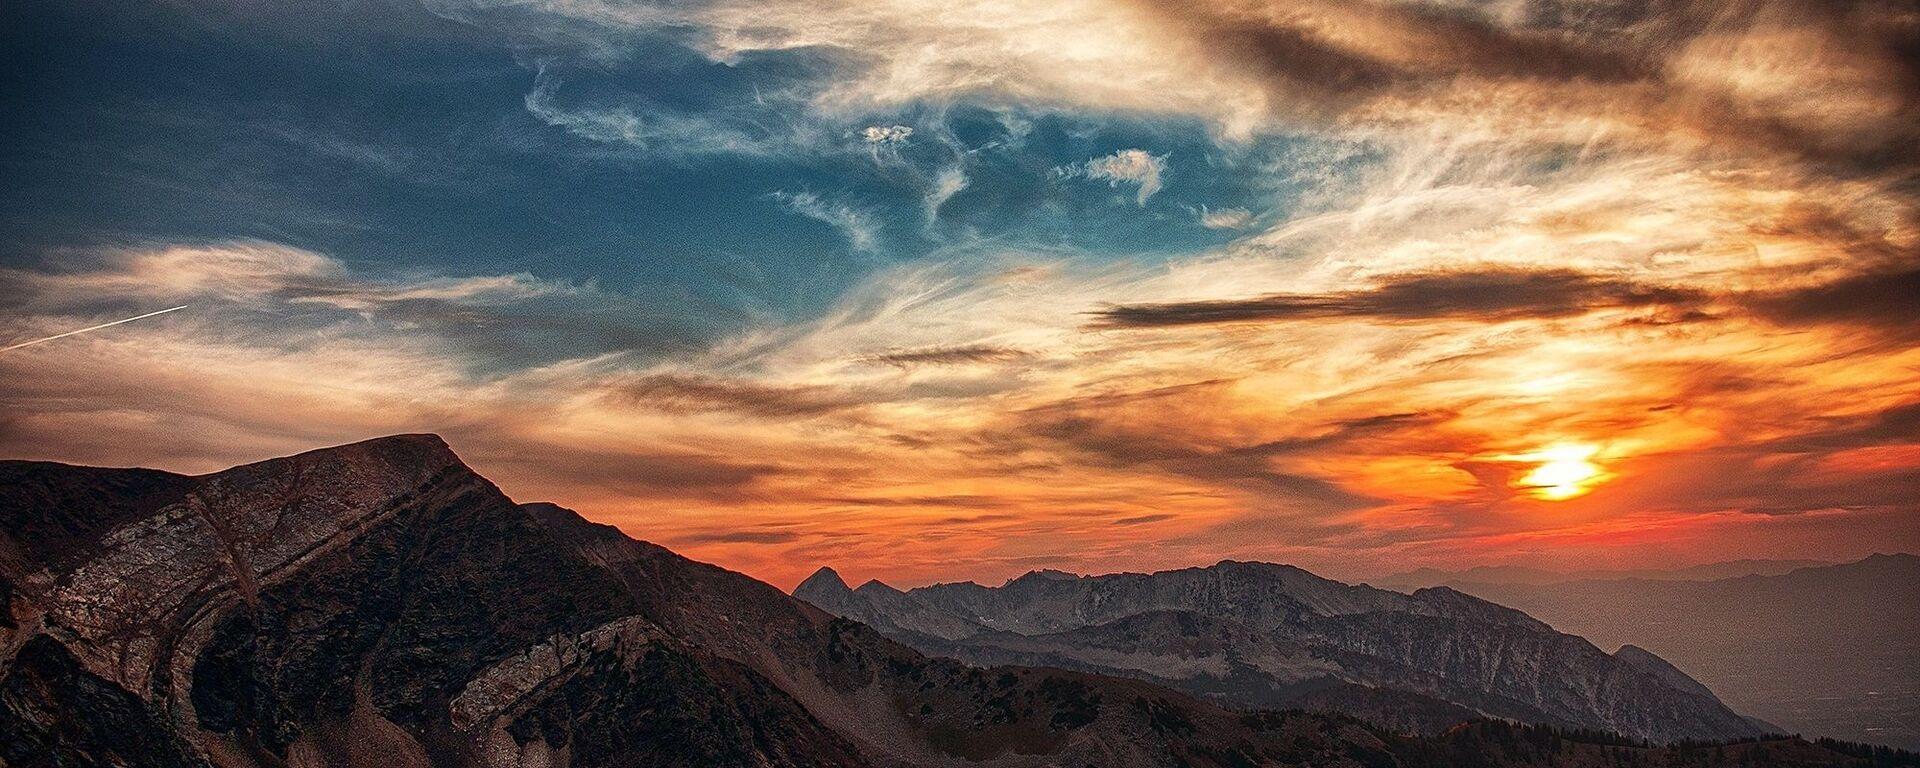 Закат в горах и облака - Sputnik Грузия, 1920, 17.05.2021